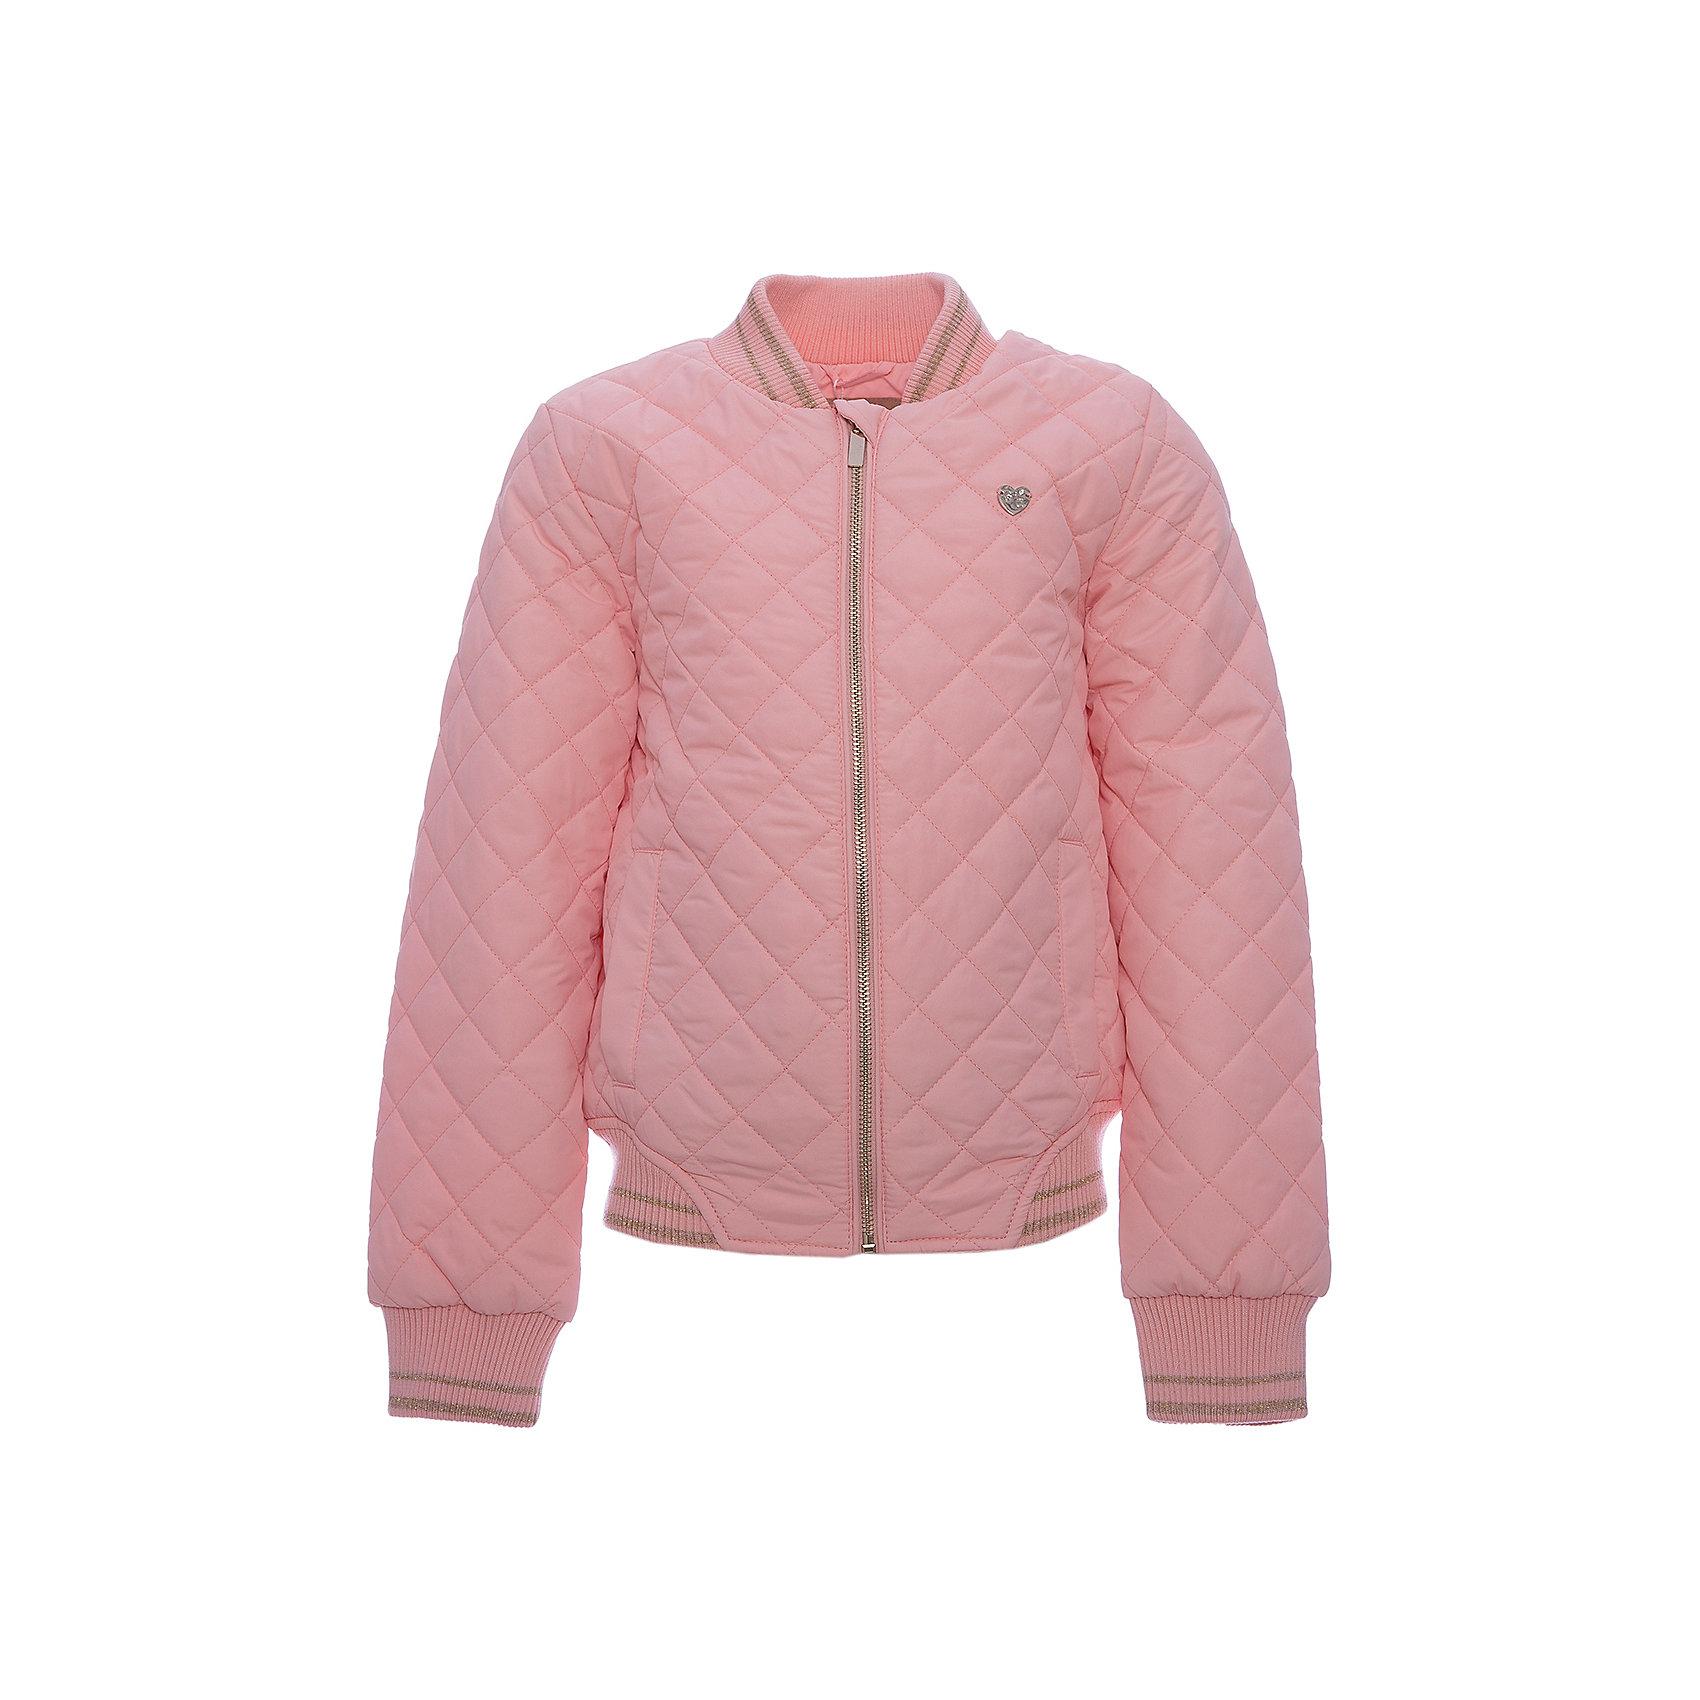 Куртка для девочки ScoolВерхняя одежда<br>Характеристики товара:<br><br>• цвет: светло-розовый<br>• состав: 100% полиэстер<br>• подкладка: 60% полиэстер, 40% хлопок<br>• утеплитель: 100% полиэстер, 80 г/м2<br>• температурный режим: от +5°С до +15°С<br>• стеганая<br>• водоотталкивающая пропитка<br>• удобные карманы<br>• застёжка: молния с защитой подбородка<br>• мягкие трикотажные резинки на рукавах<br>• светоотражающие элементы<br>• страна бренда: Германия<br>• страна производства: Китай<br><br>Утепленная куртка для девочки Scool. Практичная стильная стеганая куртка без капюшона, со специальной водоотталкивающей пропиткой  - прекрасное решение для прохладной погоды. Мягкие трикотажные резинки на рукавах защитят ребенка - ветер не сможет проникнуть под куртку. Специальный карман для фиксации застежки-молнии не позволит застежке травмировать нежную кожу ребенка.<br><br>Куртку для девочки от известного бренда Scool можно купить в нашем интернет-магазине.<br><br>Ширина мм: 356<br>Глубина мм: 10<br>Высота мм: 245<br>Вес г: 519<br>Цвет: светло-розовый<br>Возраст от месяцев: 156<br>Возраст до месяцев: 168<br>Пол: Женский<br>Возраст: Детский<br>Размер: 164,134,140,146,152,158<br>SKU: 5406994